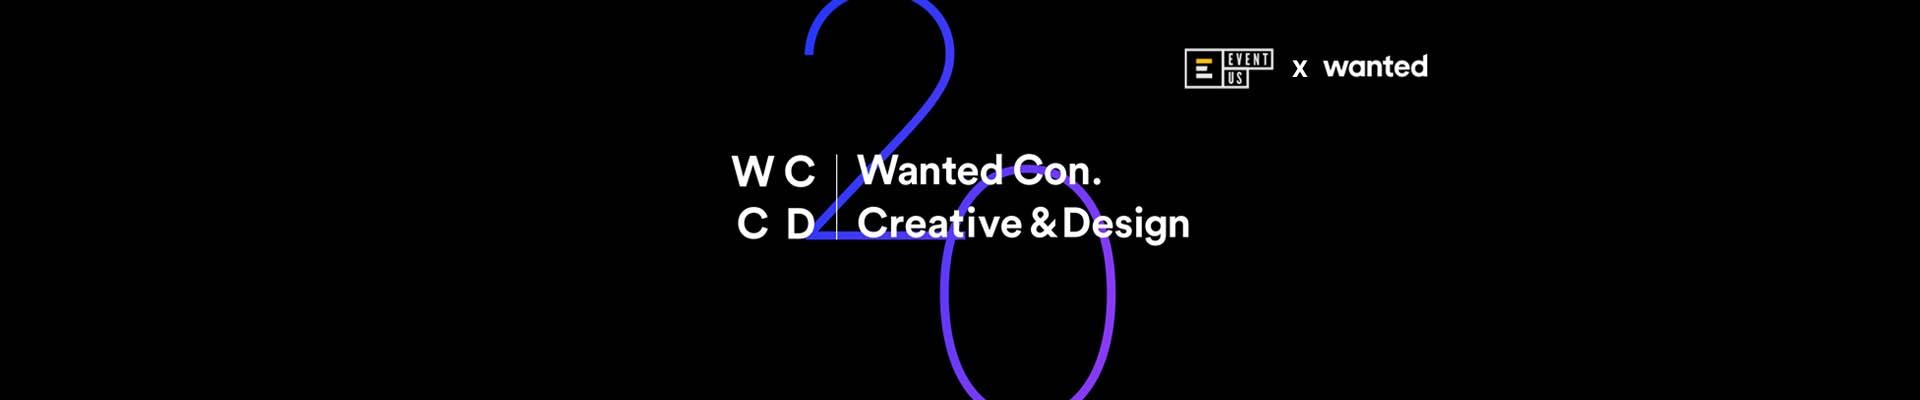 이벤터스_크리에이터의, 크리에이터를 위한 Wanted Con. Creative & Design, 이벤터스에서 원티드와 함께 이벤터스 회원을 위한 특별 초대권을 준비했어요.